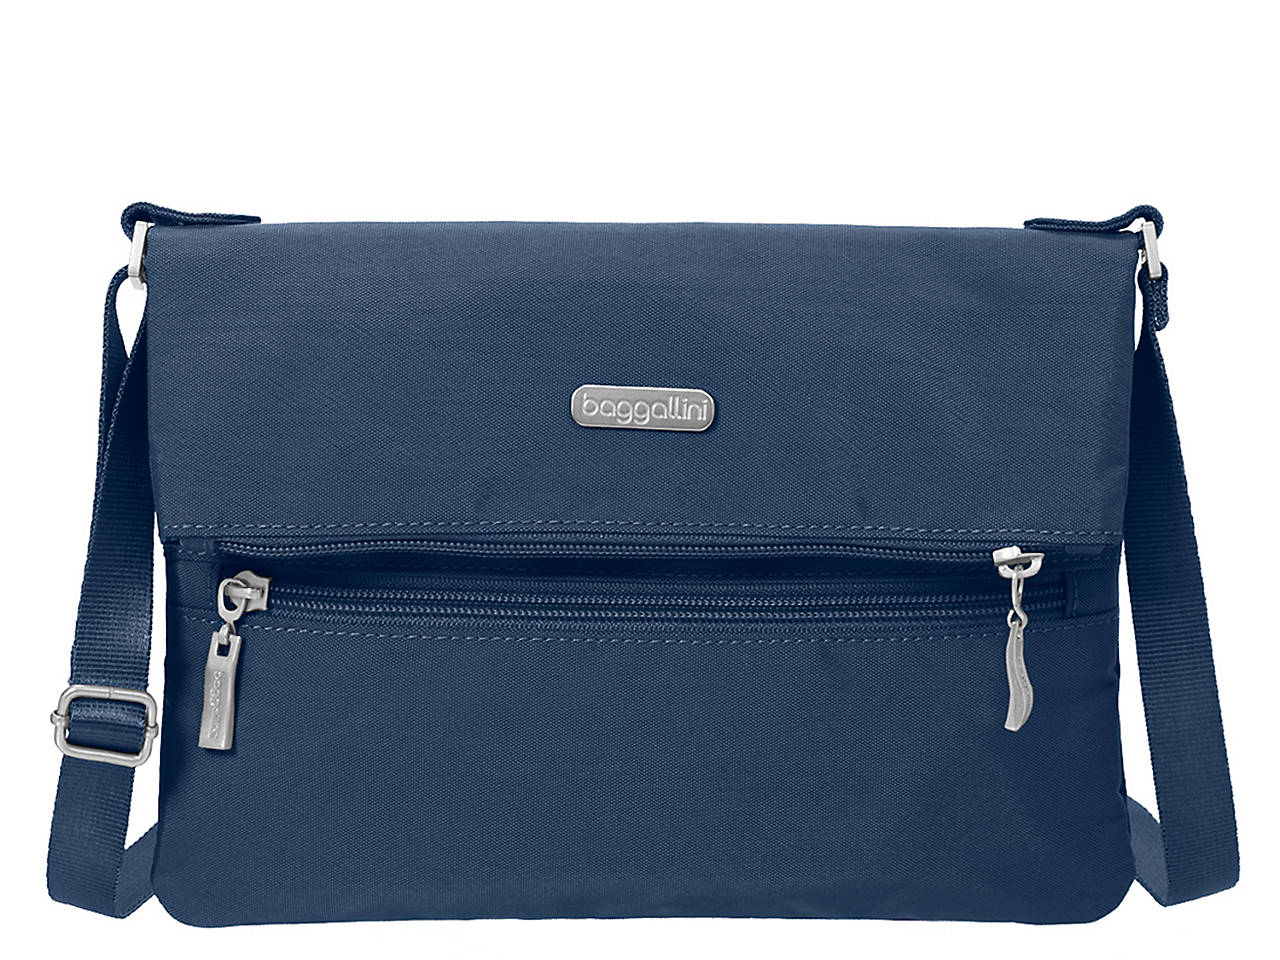 Baggallini Flip Zip Crossbody Bag Women s Handbags   Accessories